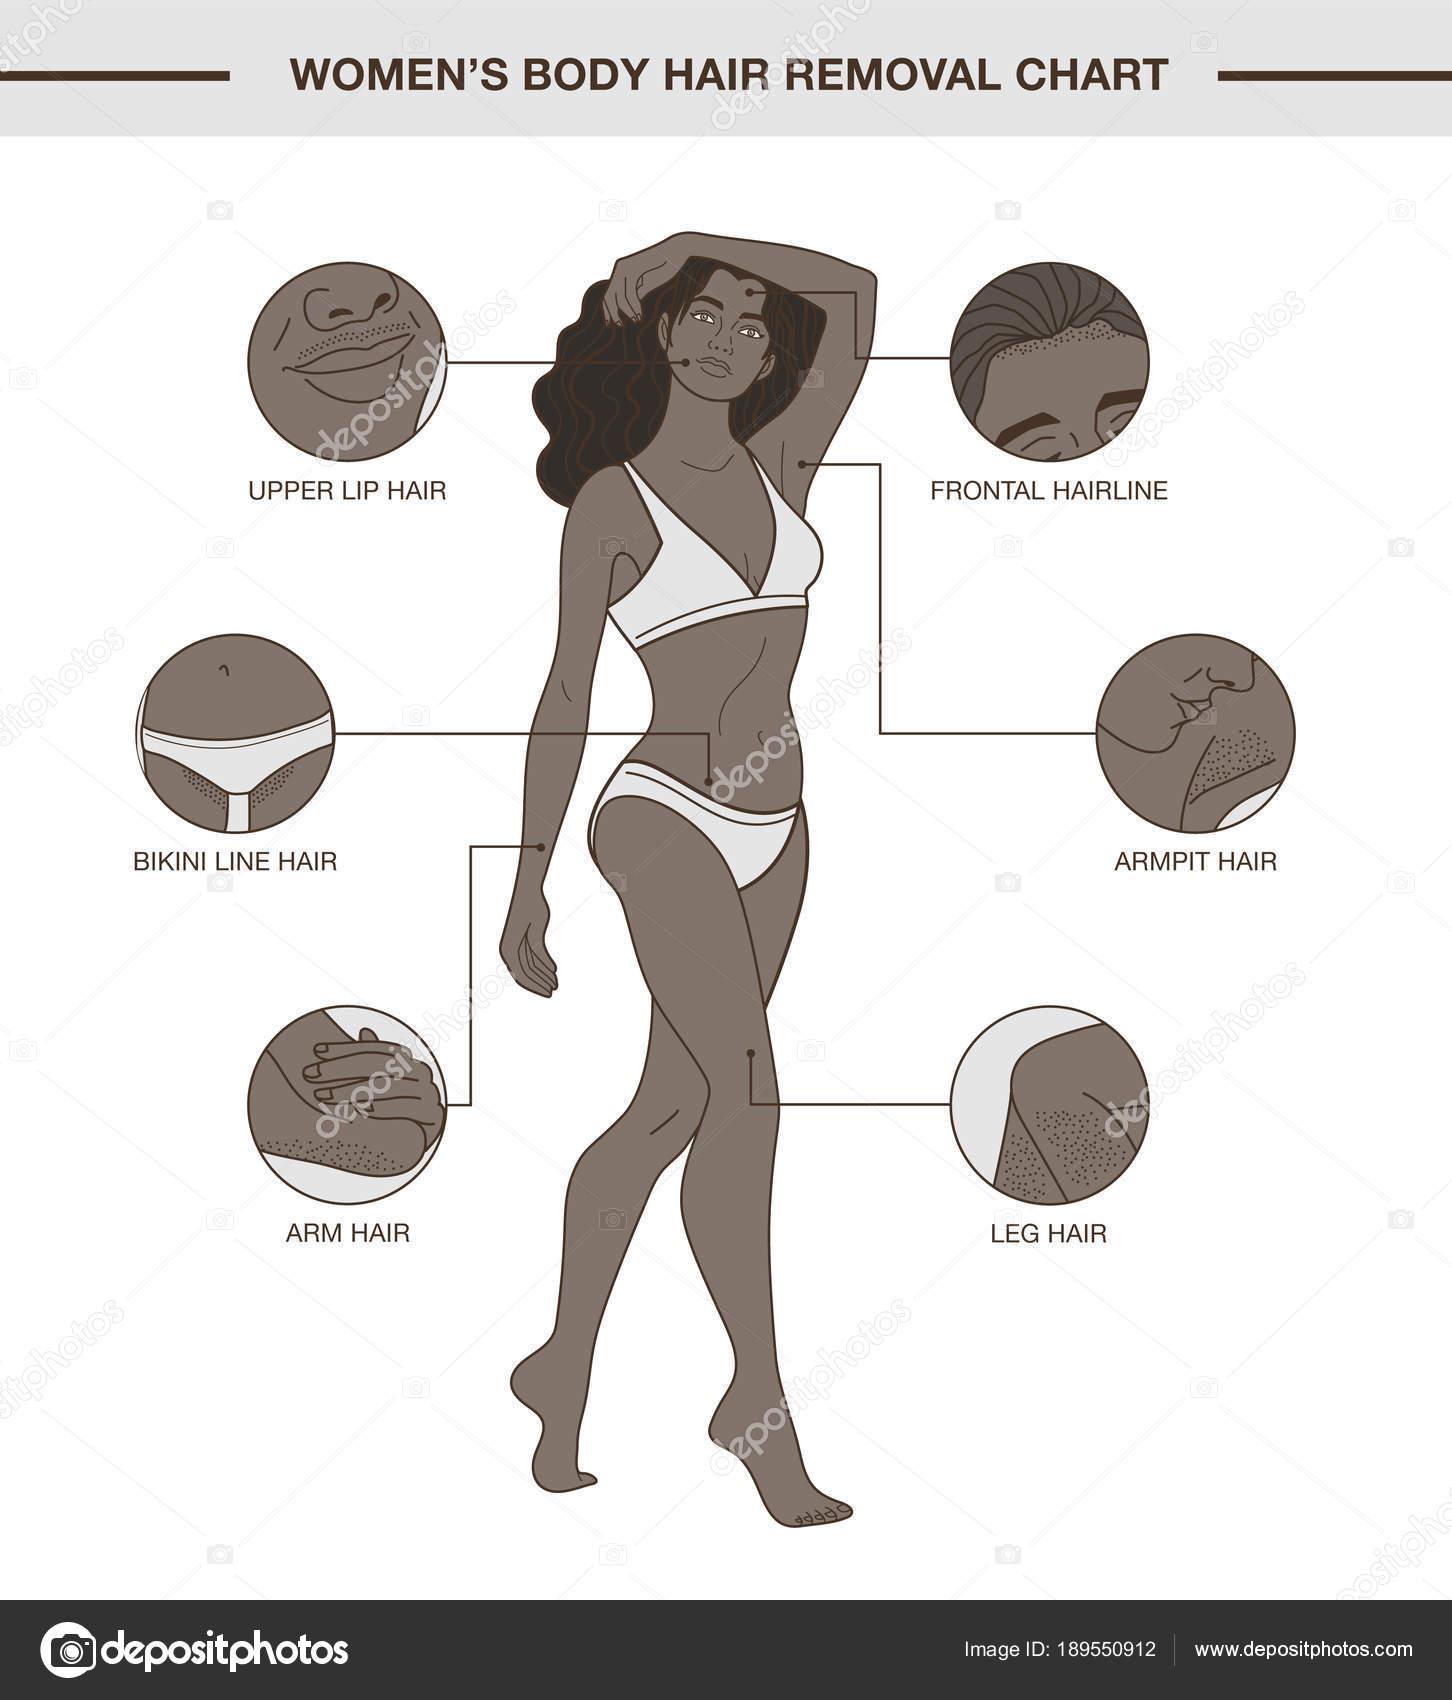 Großzügig Frau Anatomie Diagramm Ideen - Menschliche Anatomie Bilder ...